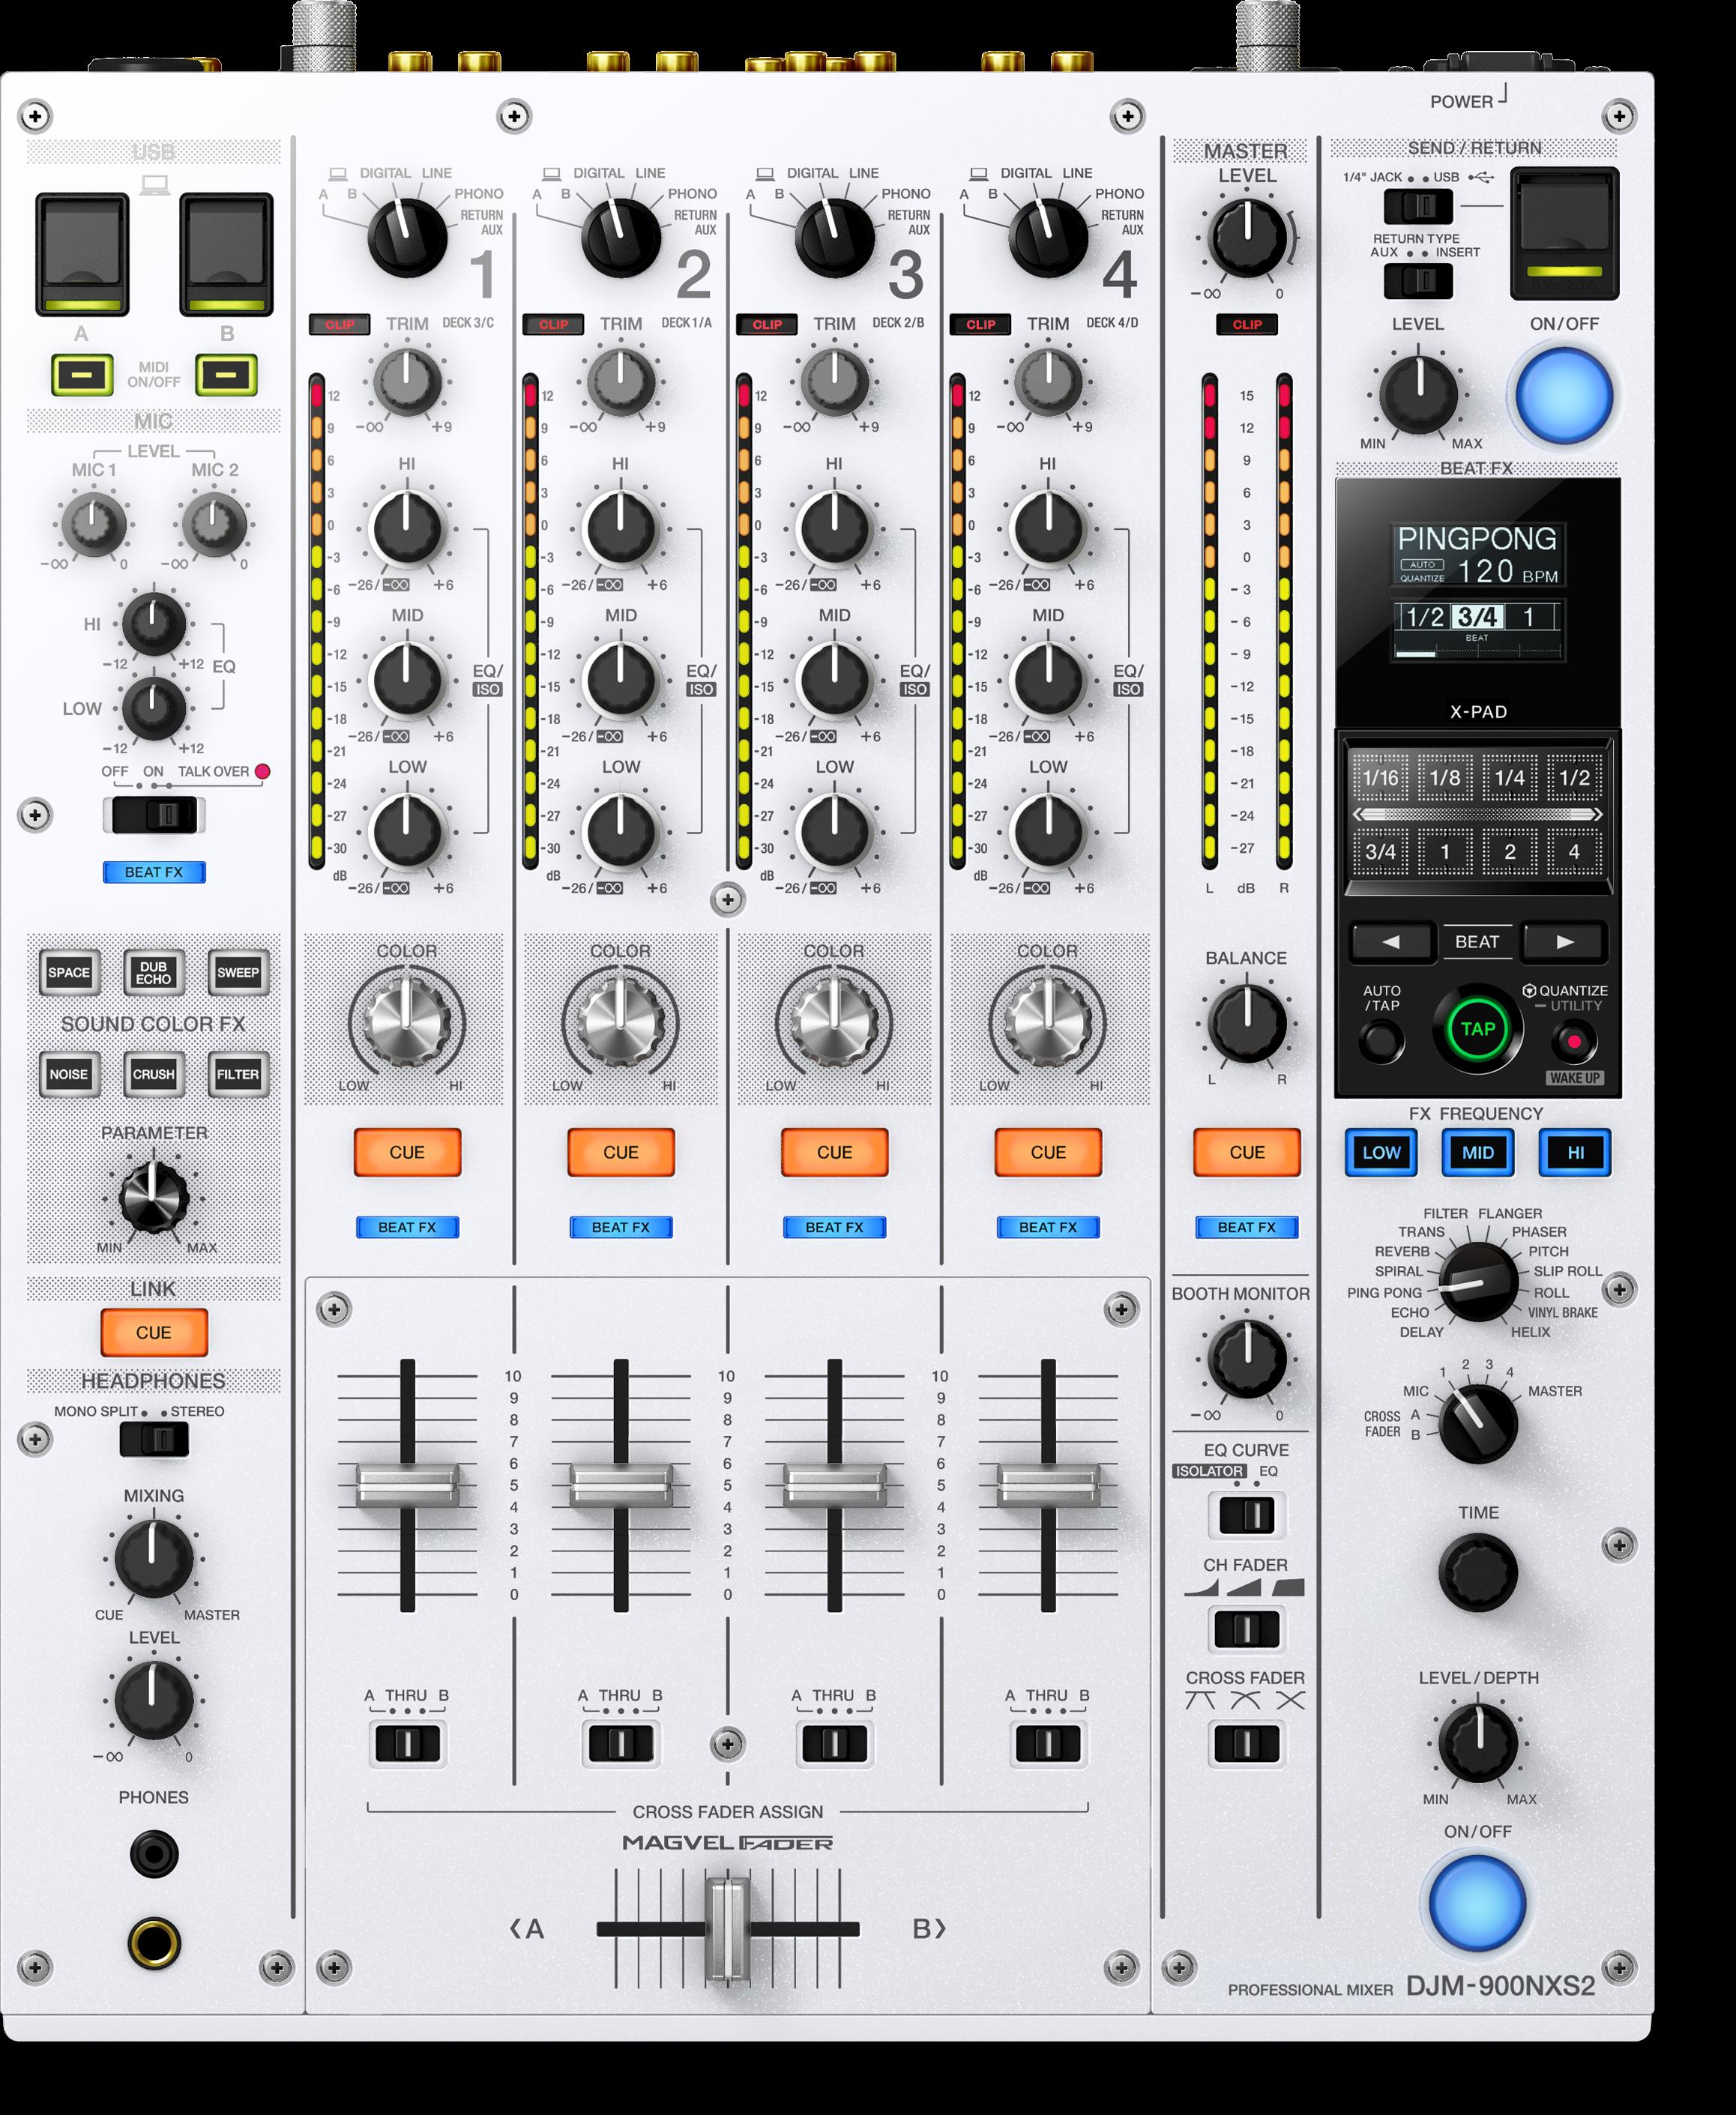 DJM-900NXS2-w-main